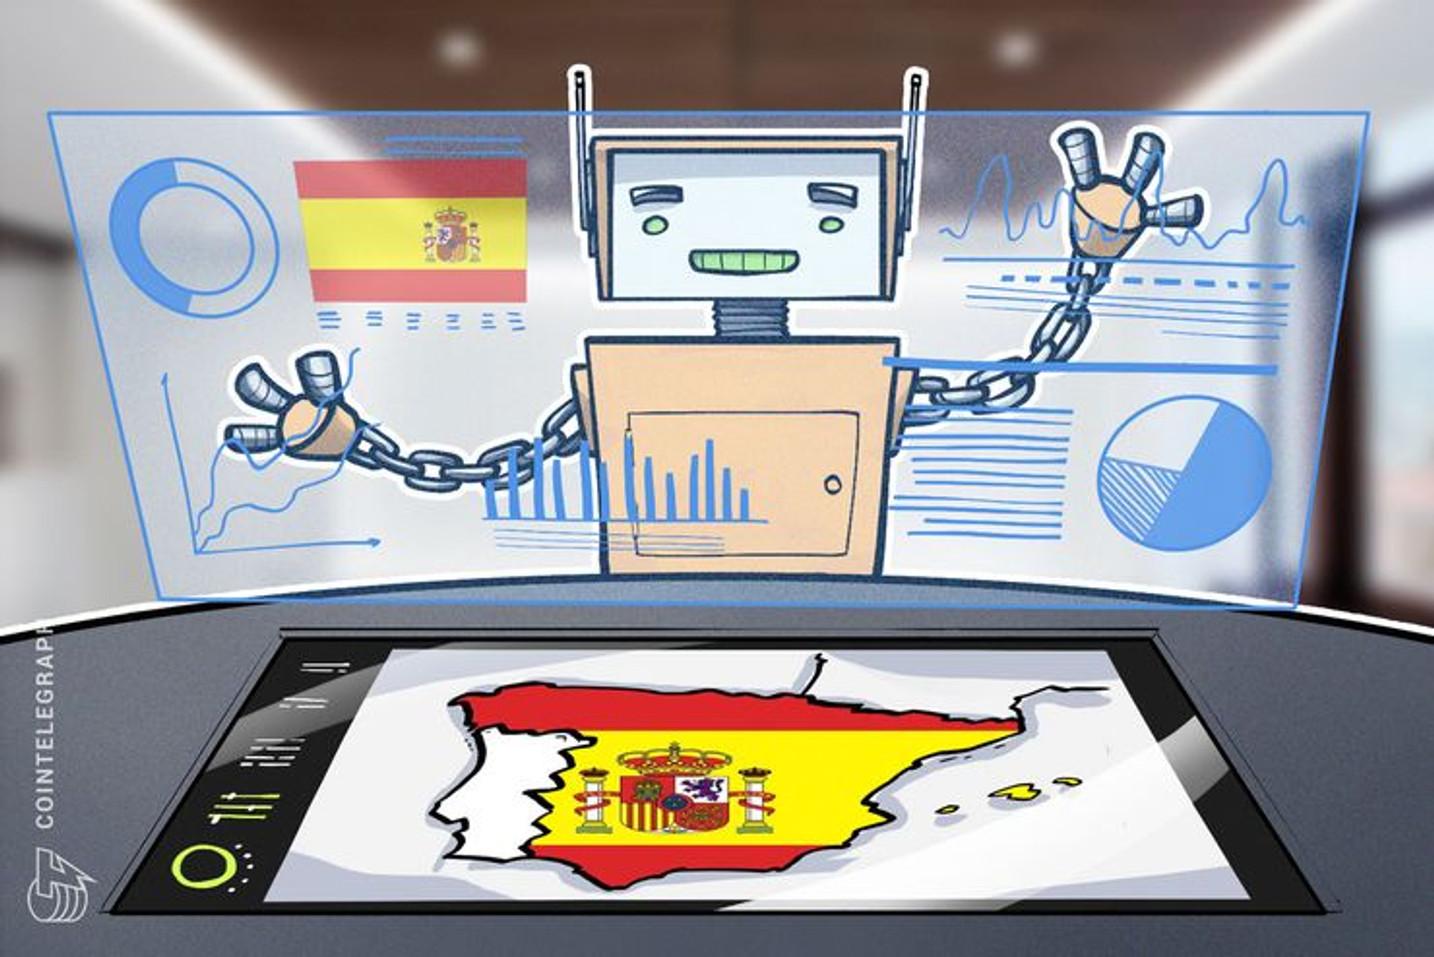 España: Presentaron varias iniciativas basadas en Blockchain durante un encuentro de Blockchain Aragon